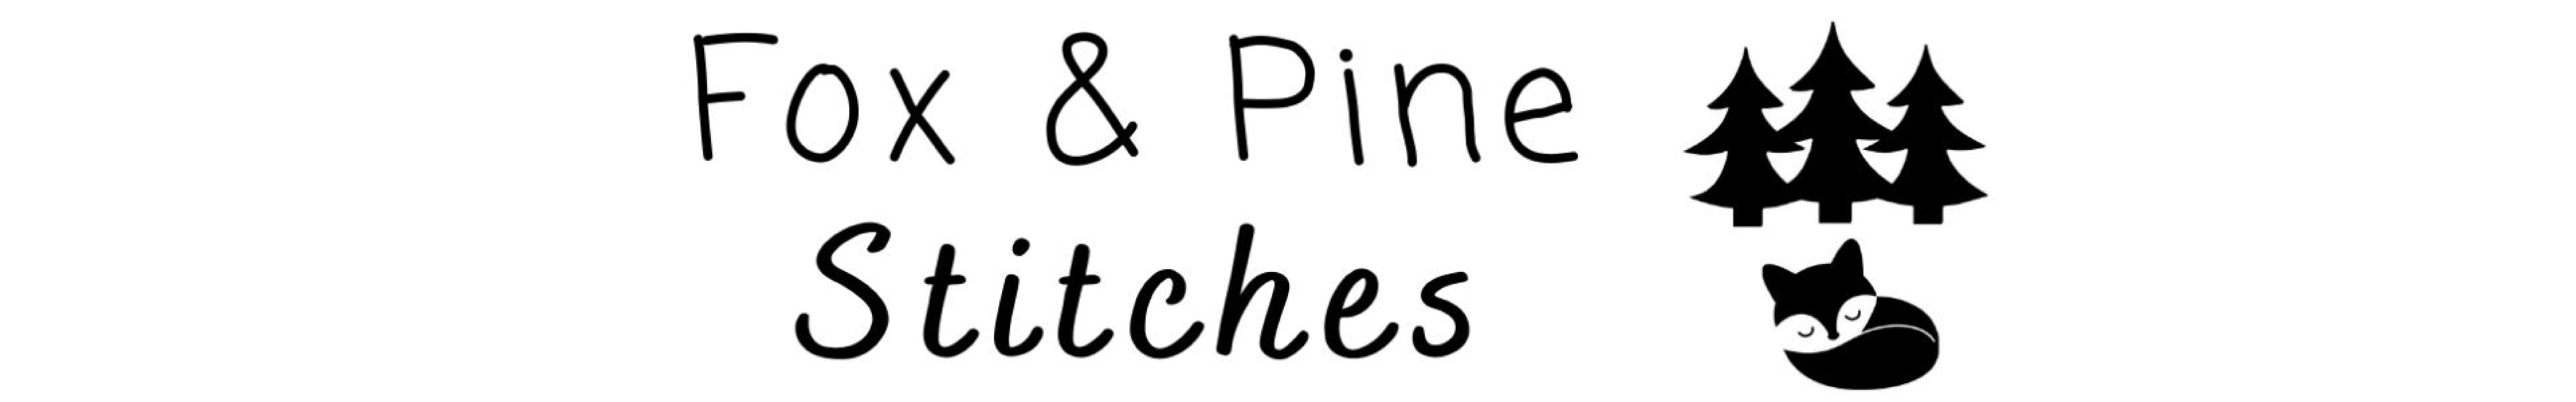 shop banner image